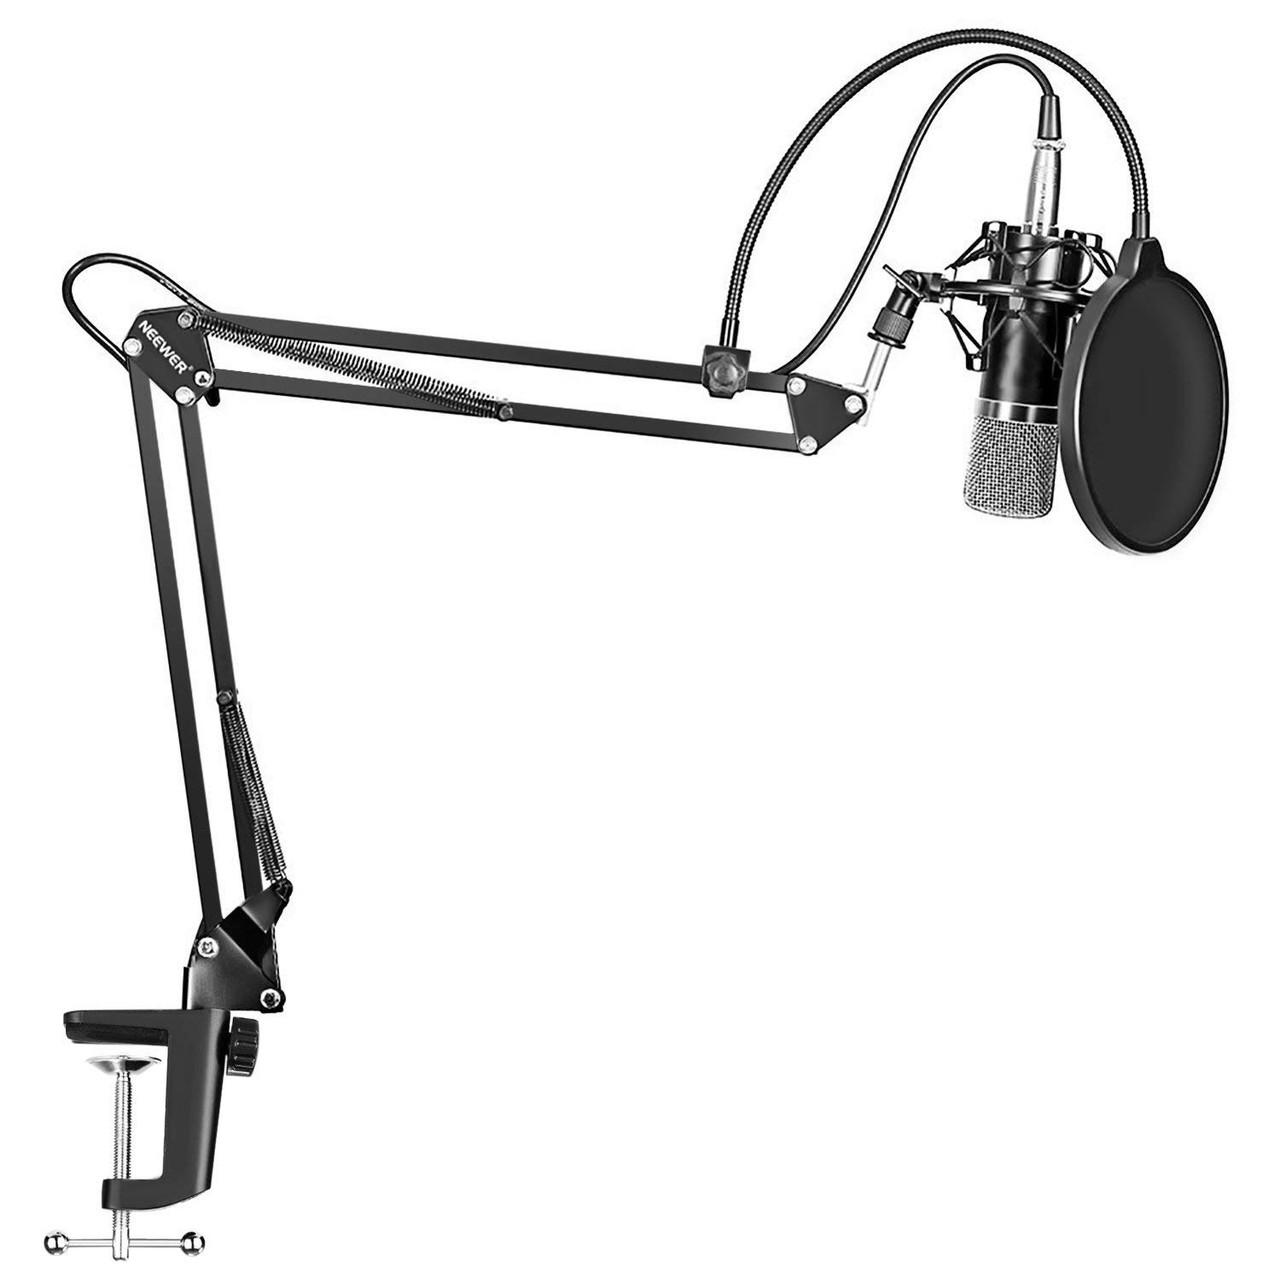 Студійний конденсаторний мікрофон BM-700 Gold з стійкою